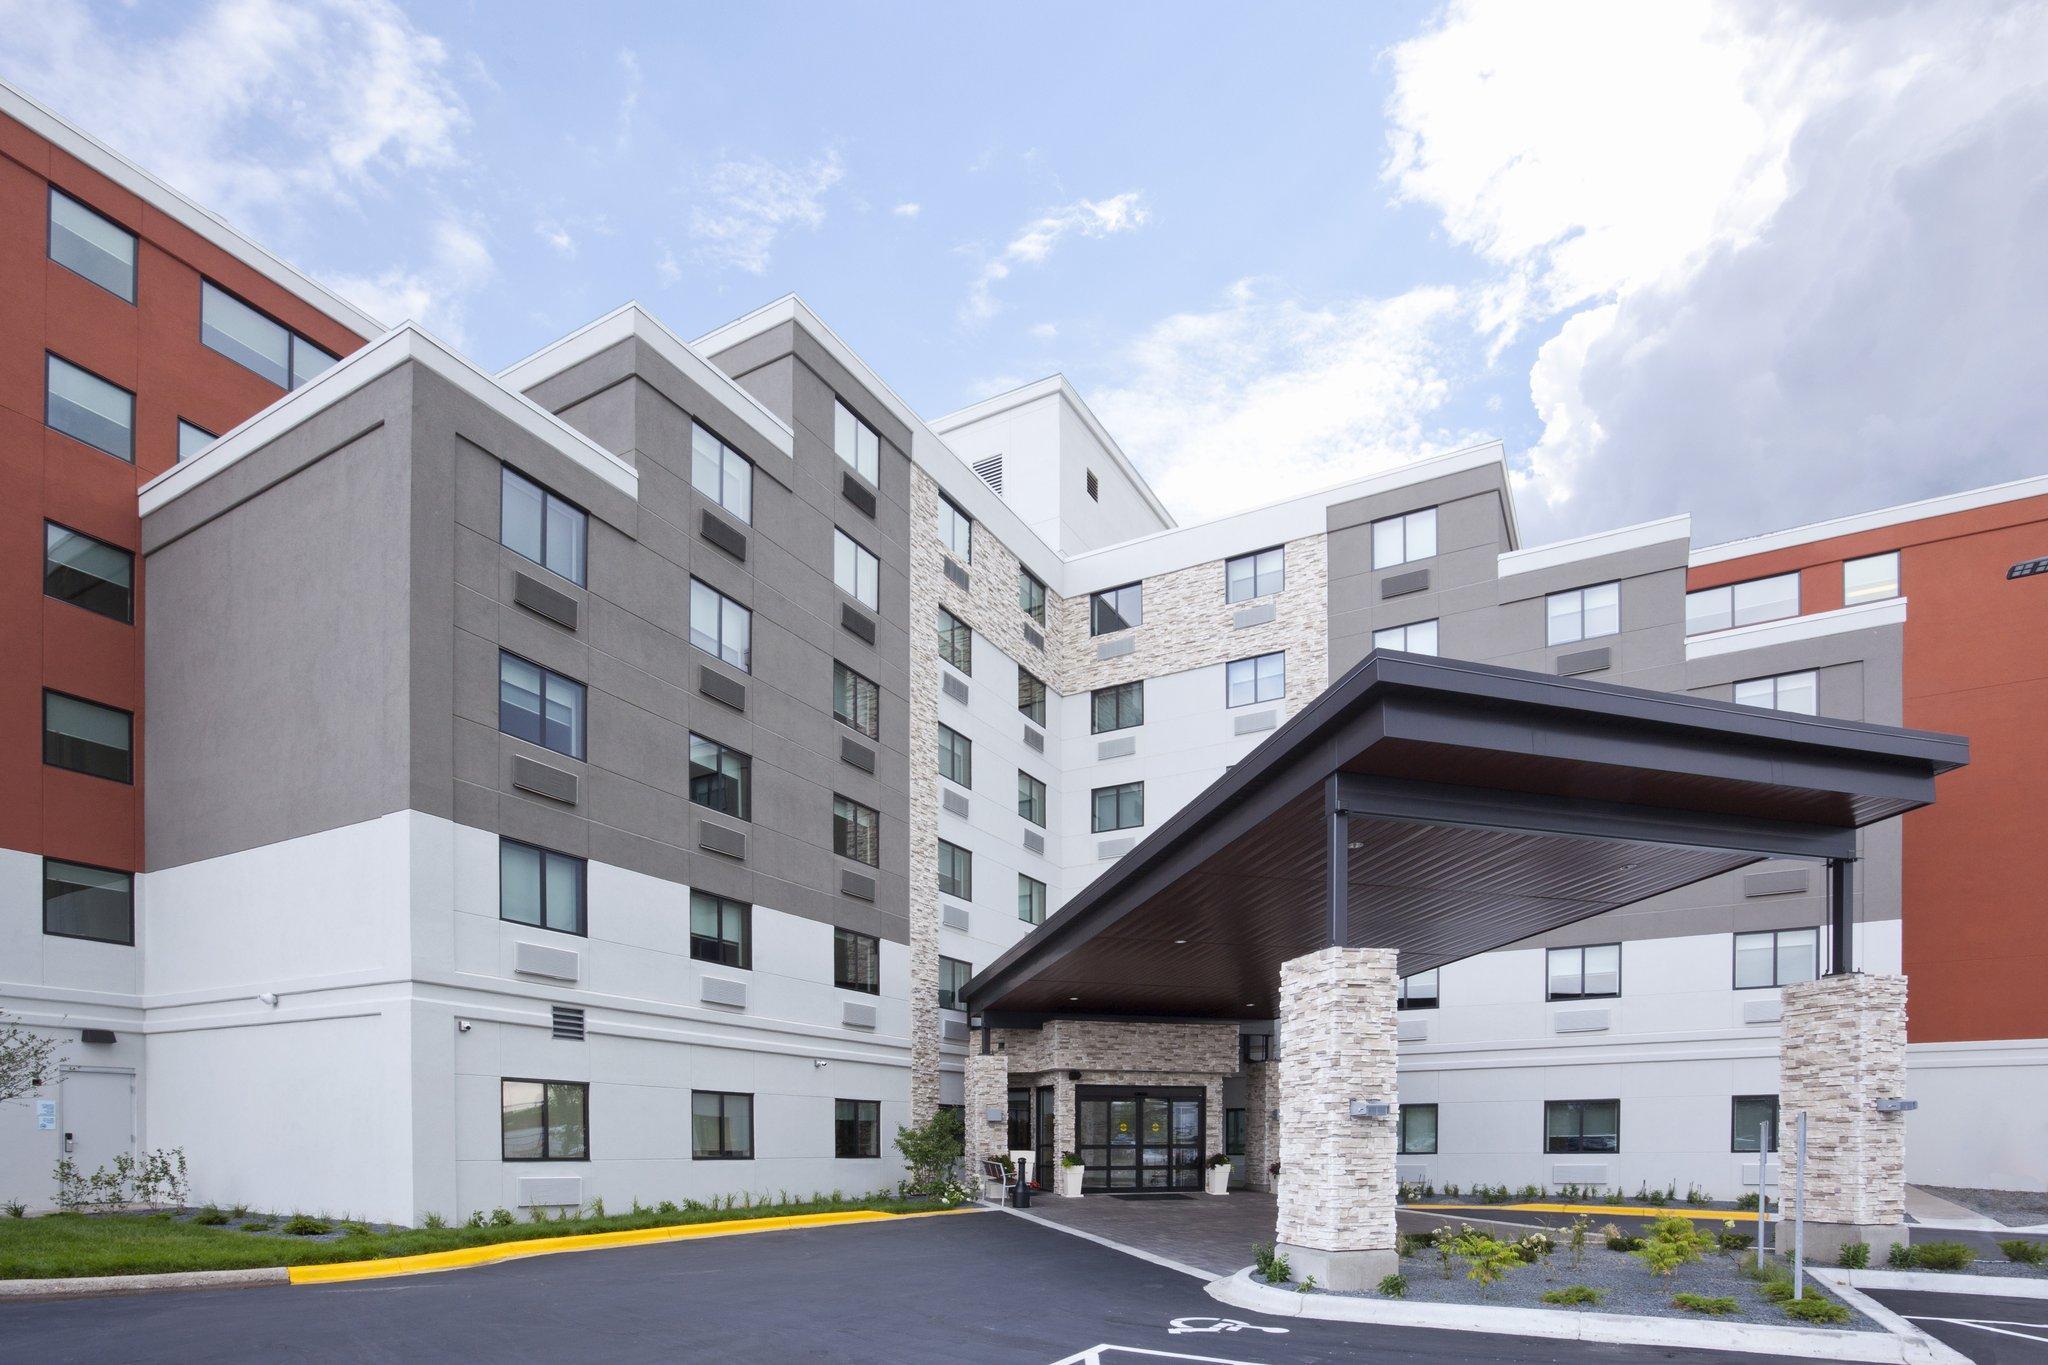 Holiday Inn Express Roseville St. Paul